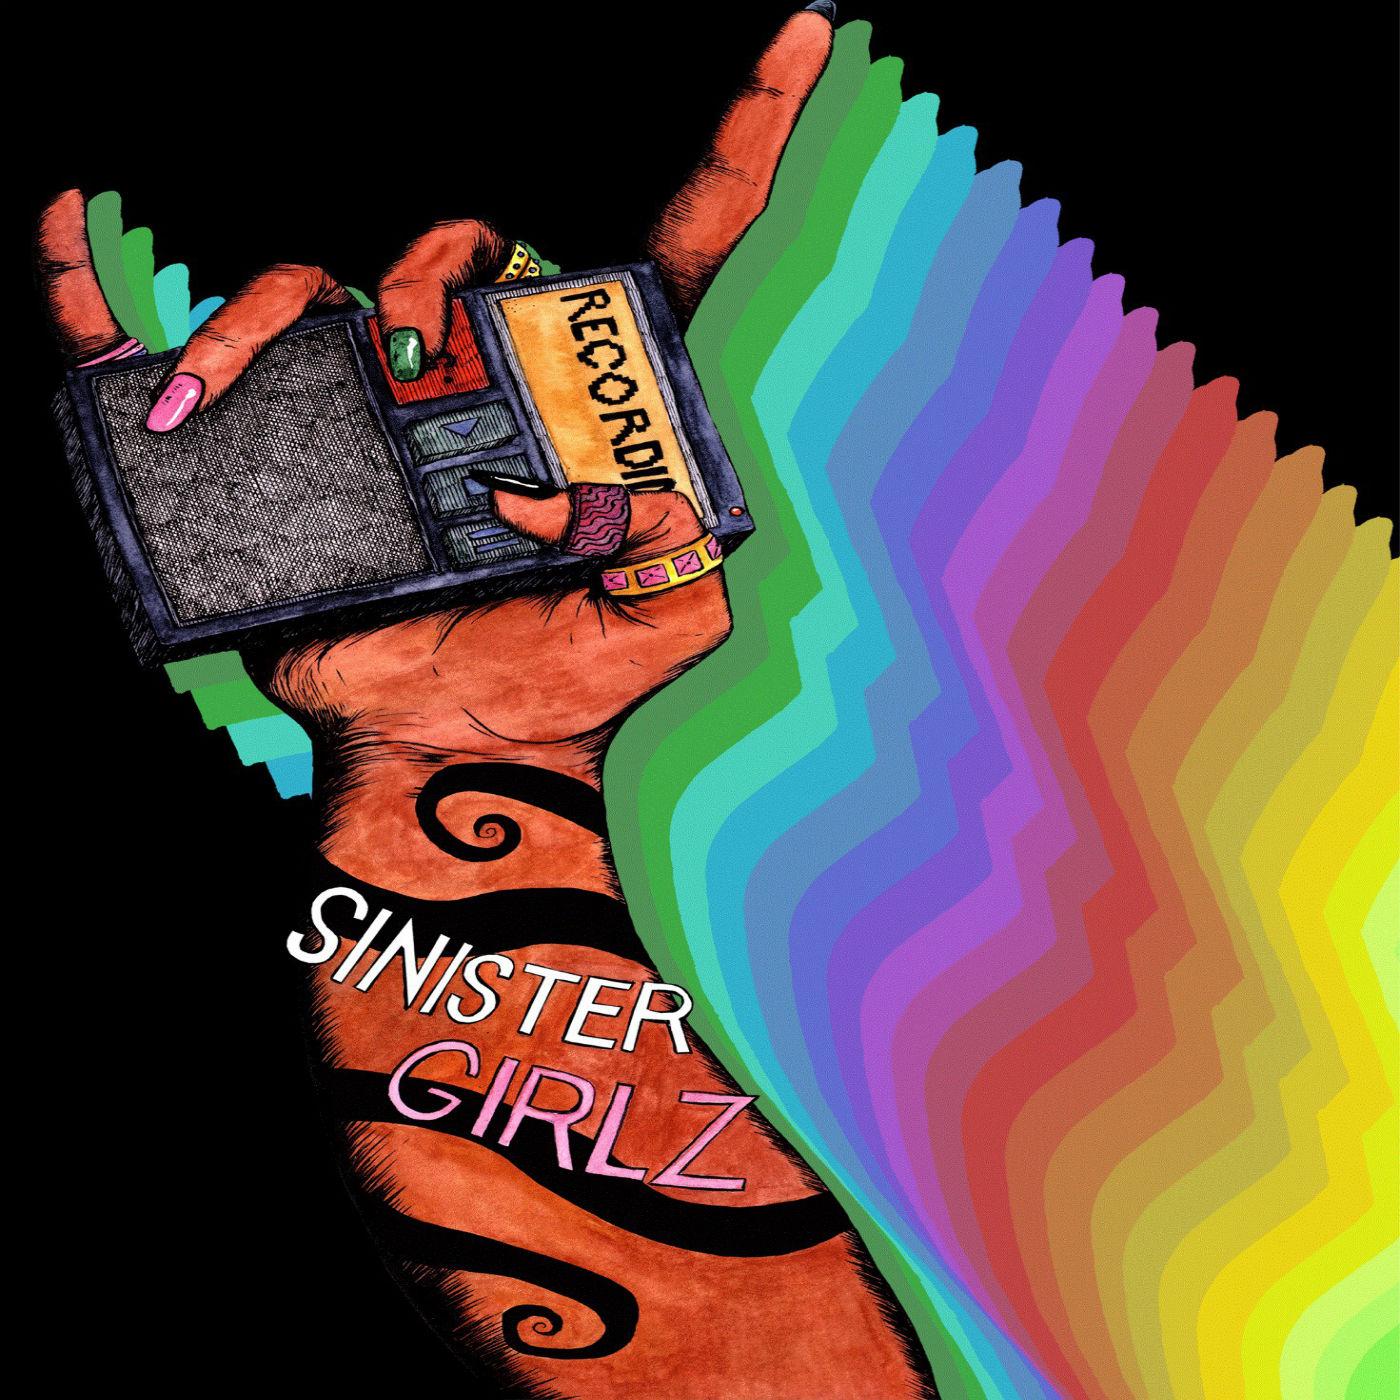 Sinister Girlz show art